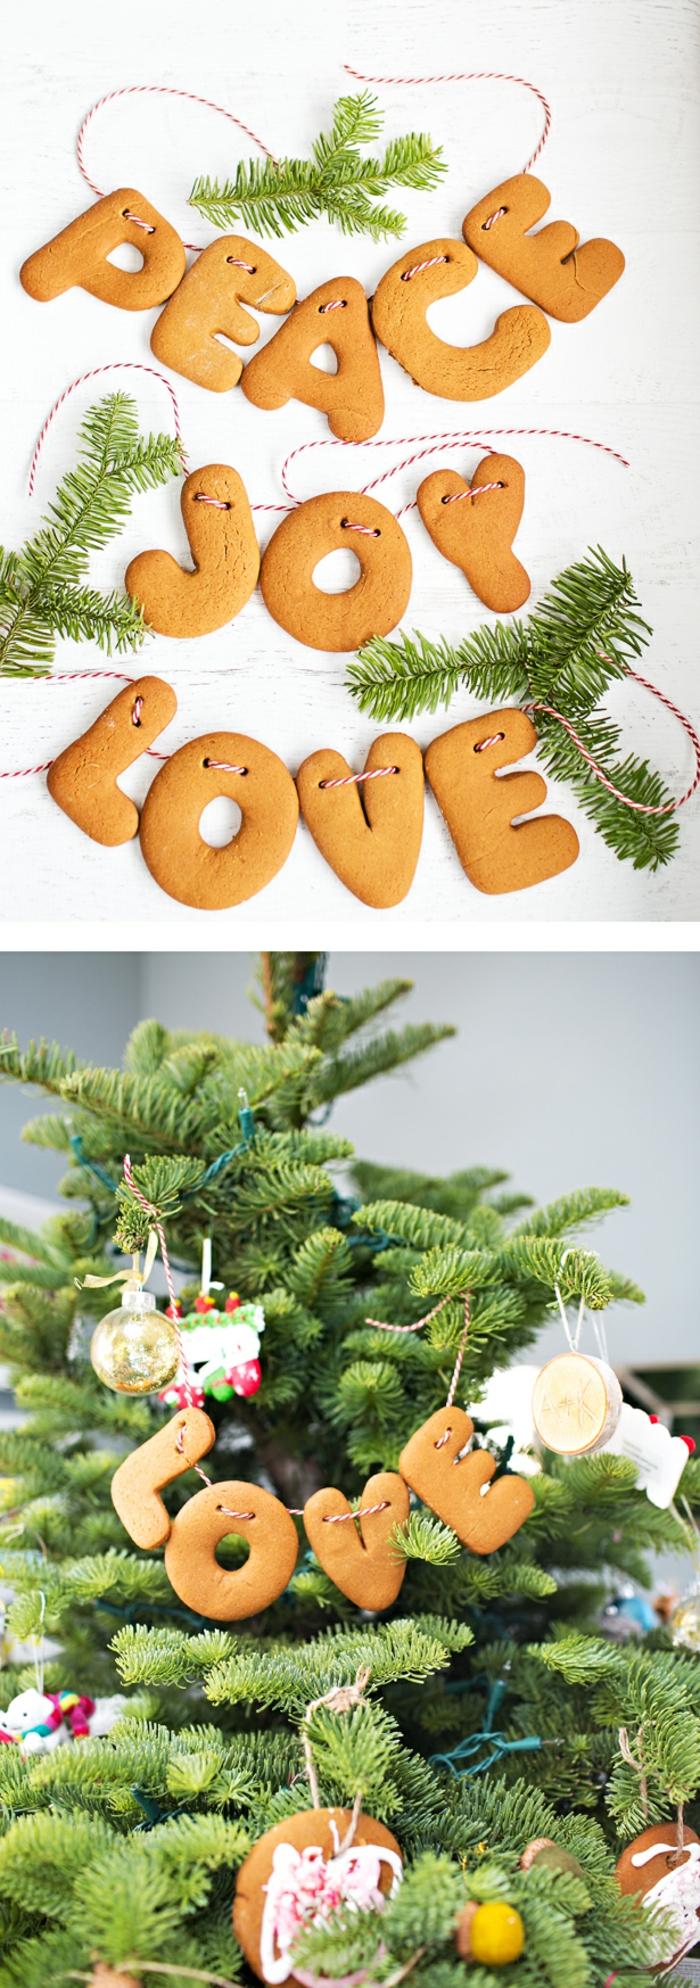 Gilrande Aus Keksen Und Tannenzweigen Selber Basteln, Tolle Idee Für  Weihnachtsdekoration Weihnachtsdeko Basteln U2013 Inspirierende DIY ...